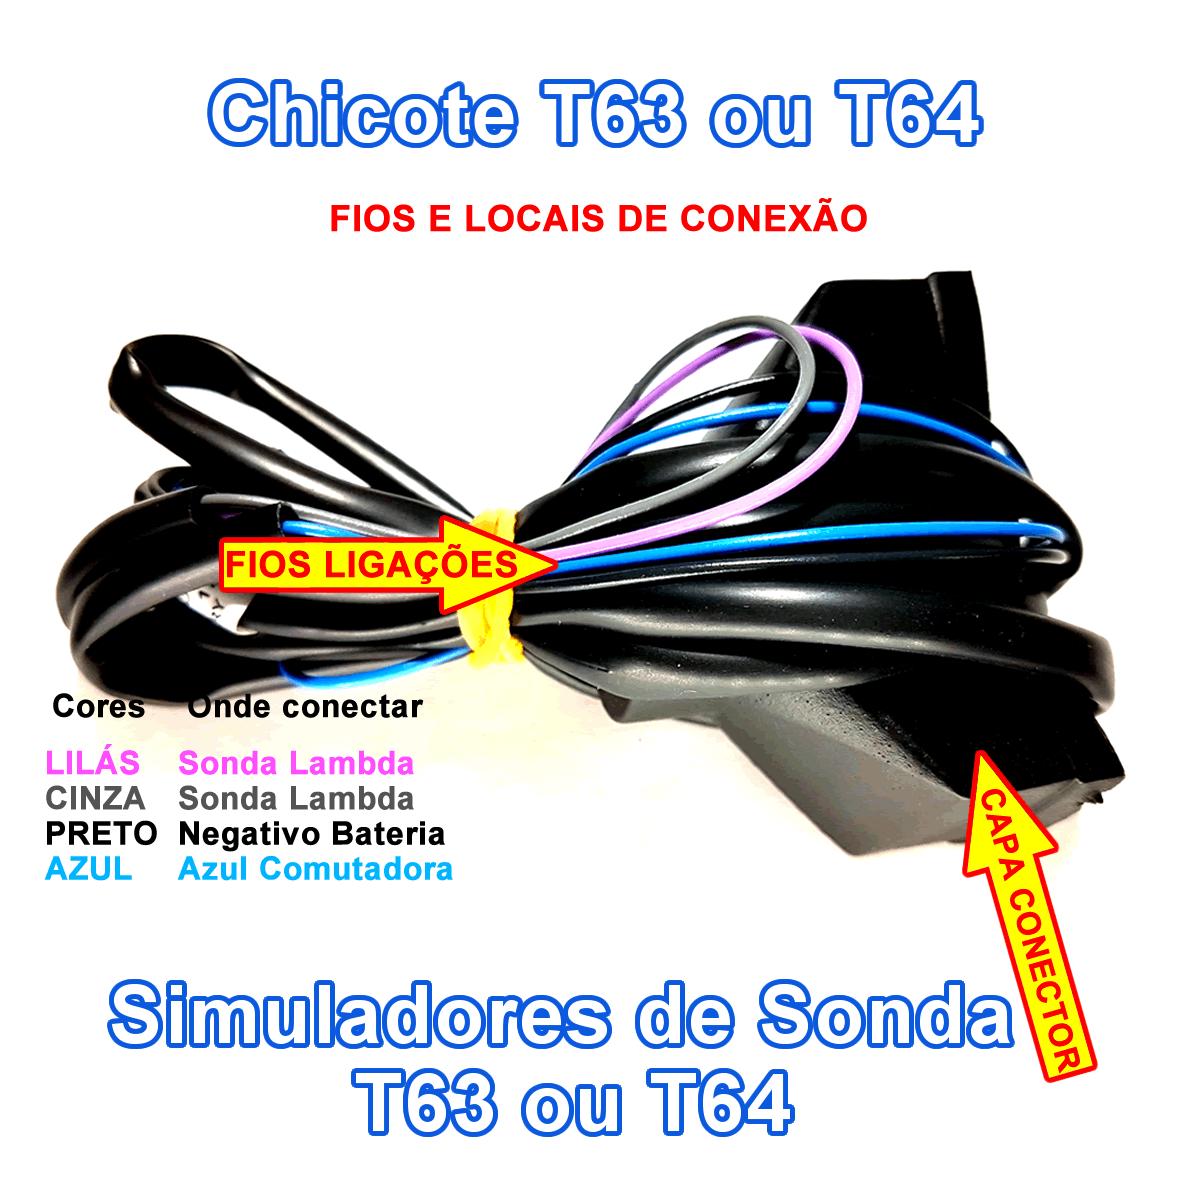 06 Simuladores de Sonda Universal TURY T634 Preço de Revenda